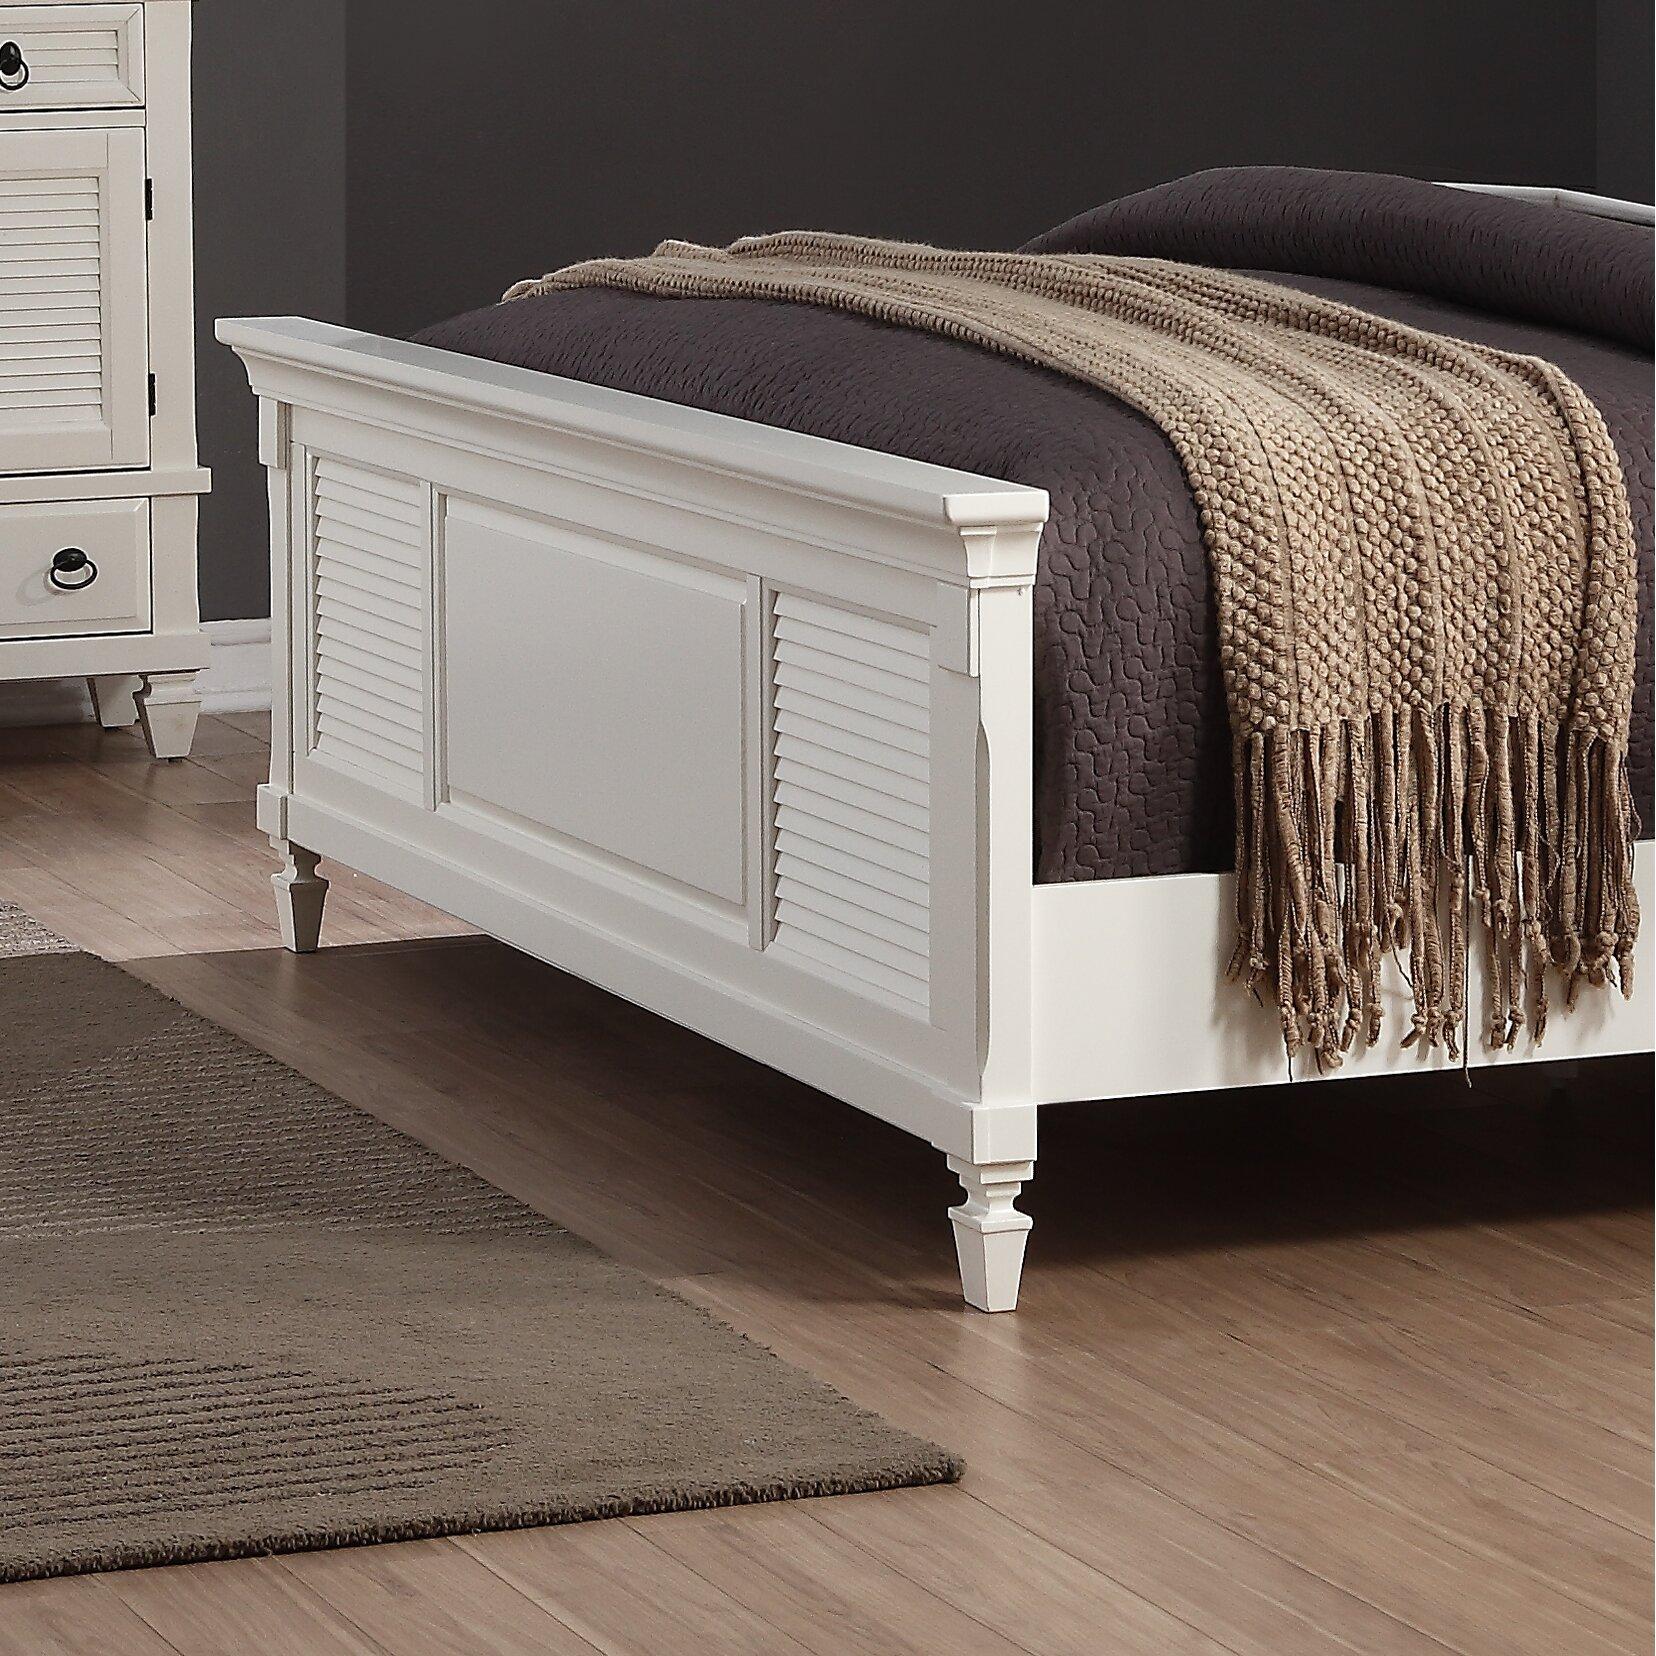 Roundhill Furniture Regitina Panel 5 Piece Bedroom Set